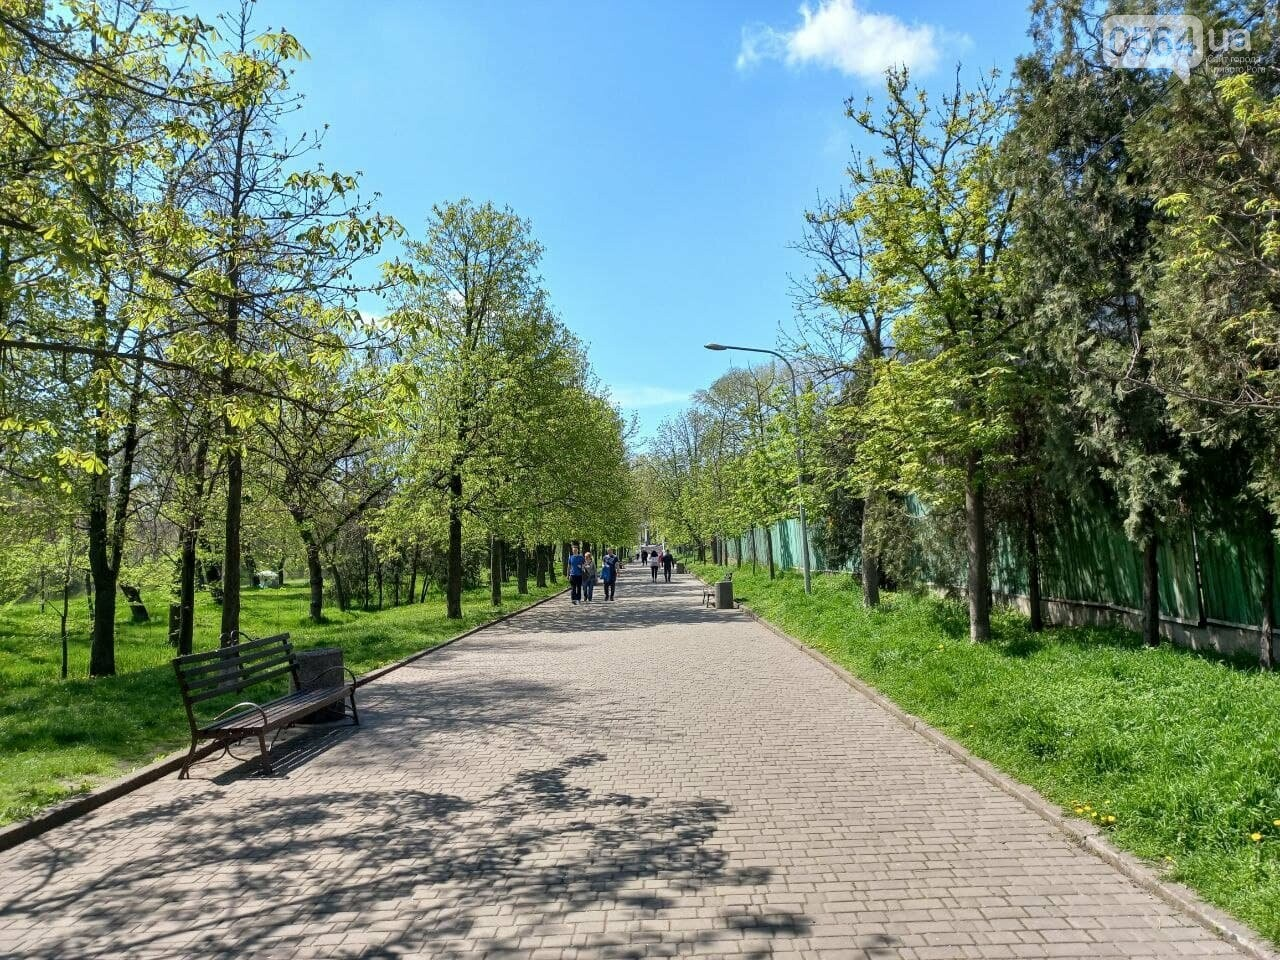 Прогулки, фотосессии, отдых на природе, - как криворожане провели первые дни мая, - ФОТО, ВИДЕО, фото-13